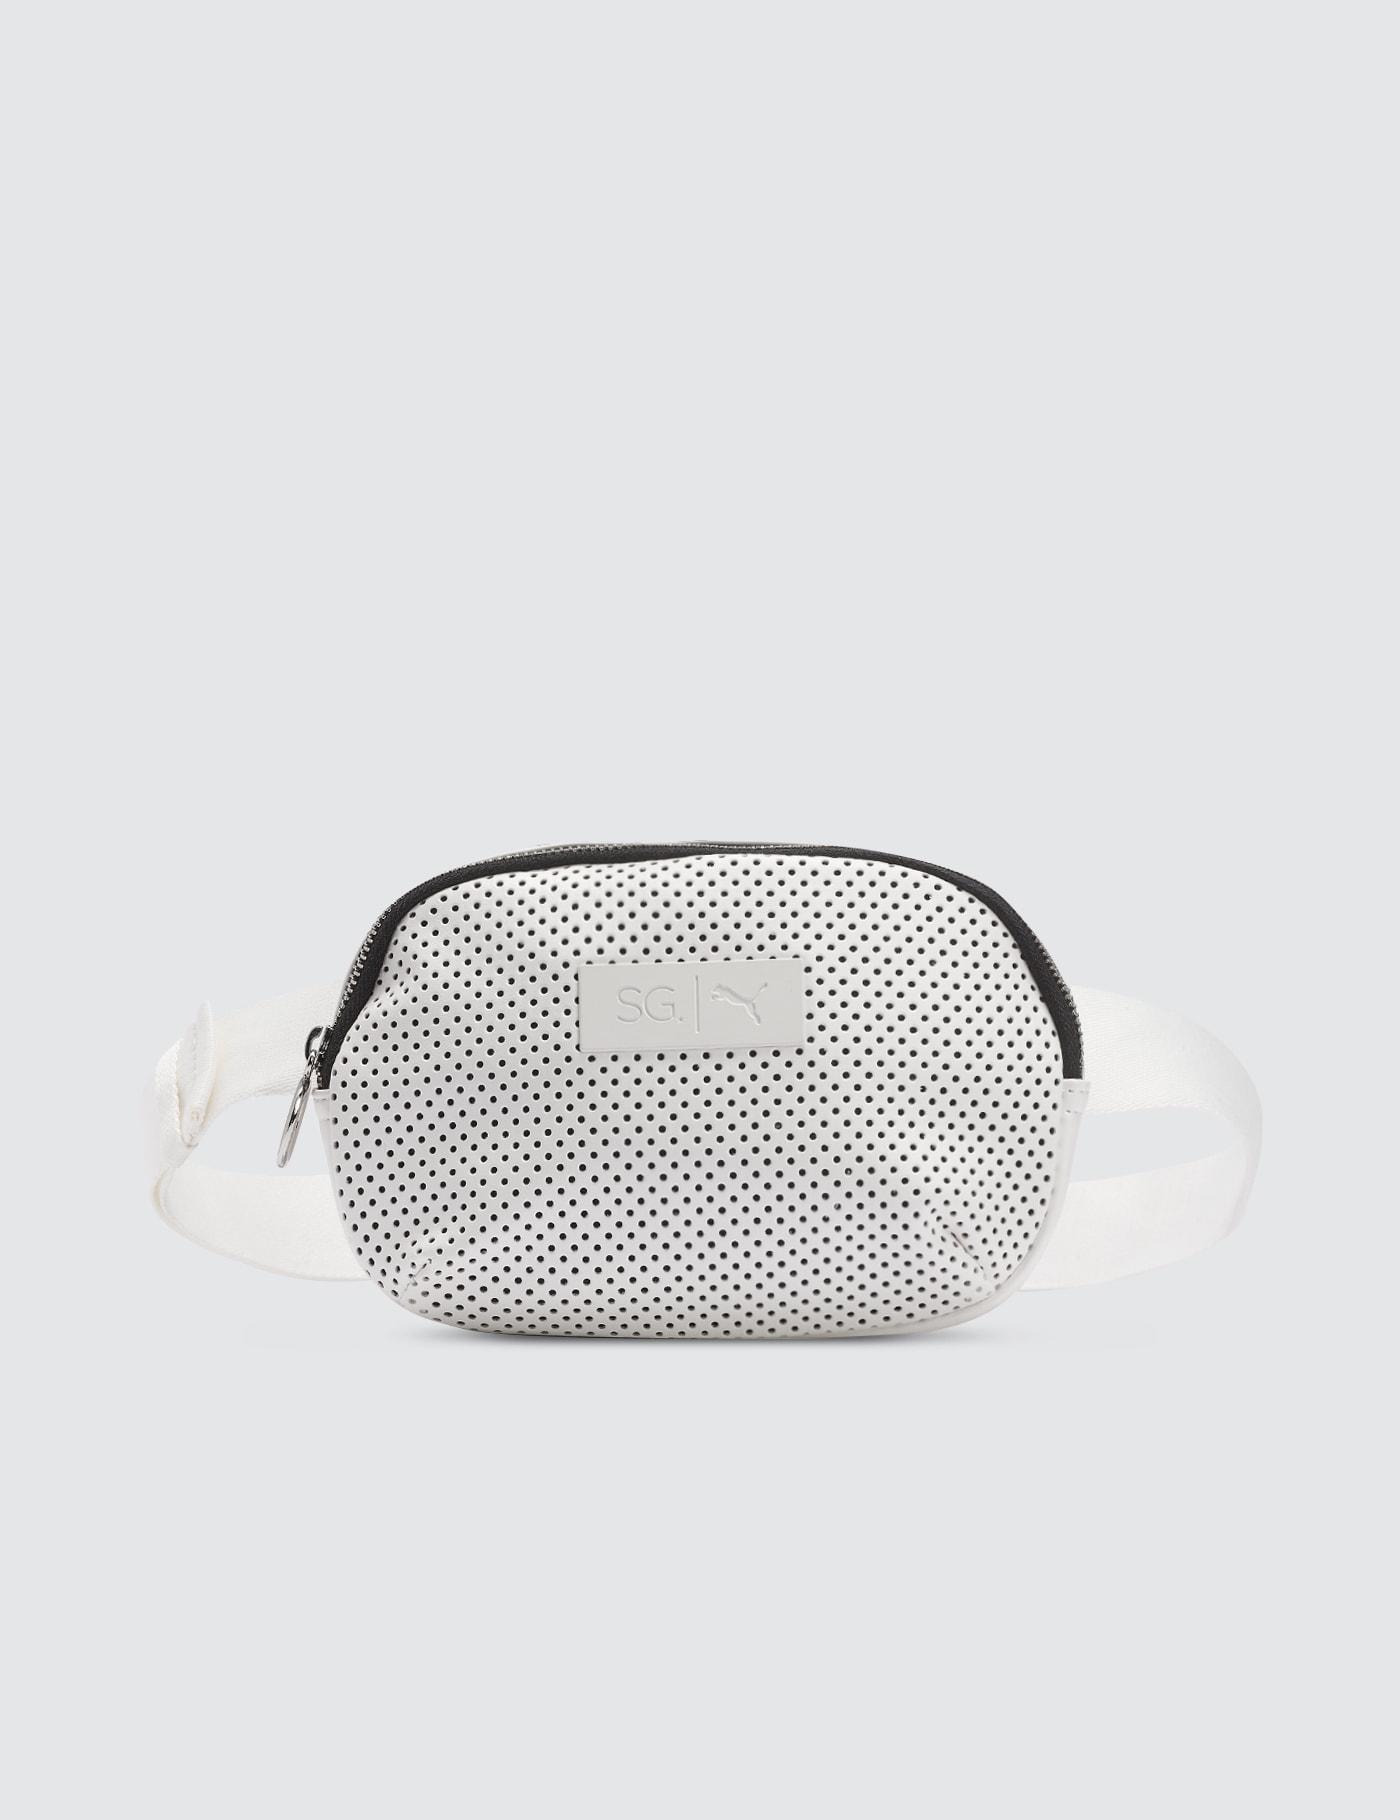 Puma X Selena Gomez Style Two-way Bag